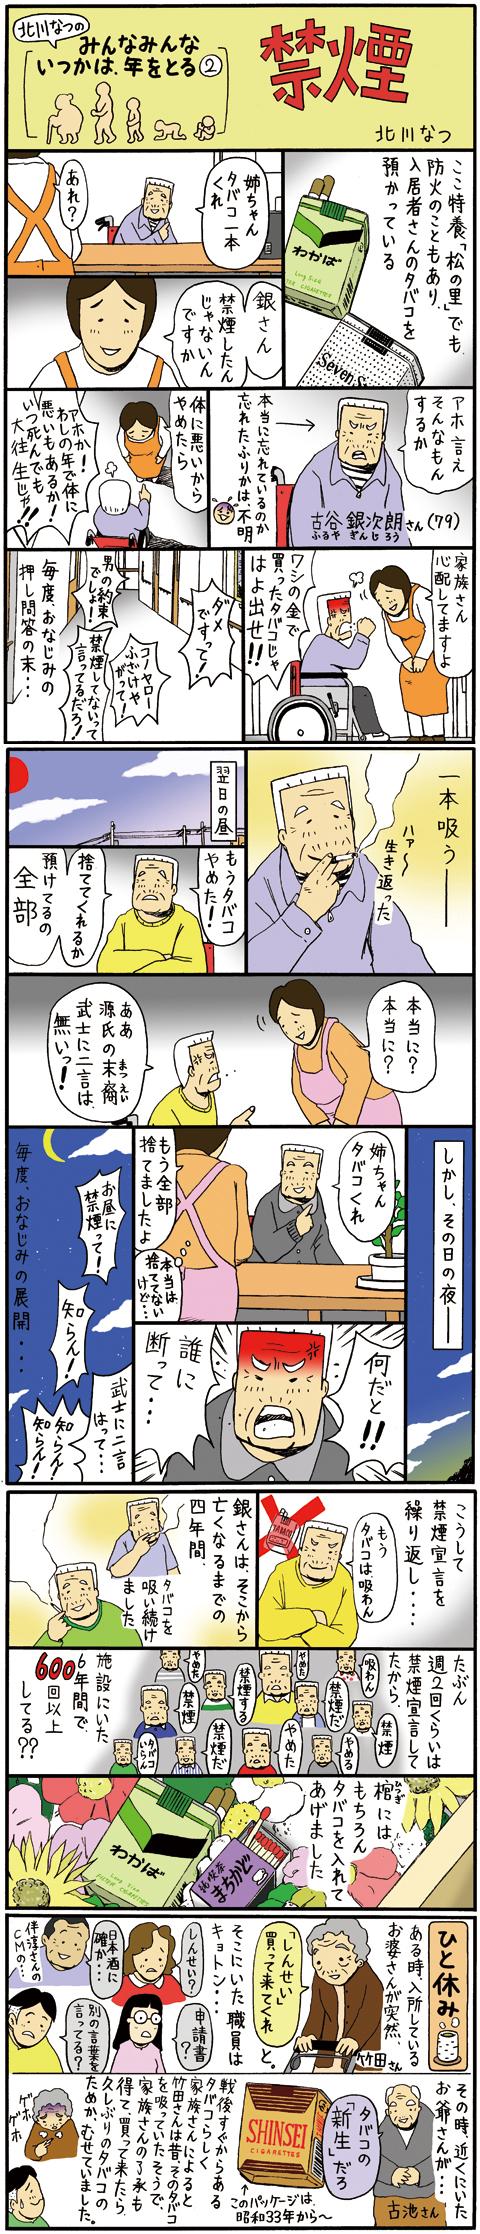 認知症 マンガ 漫画